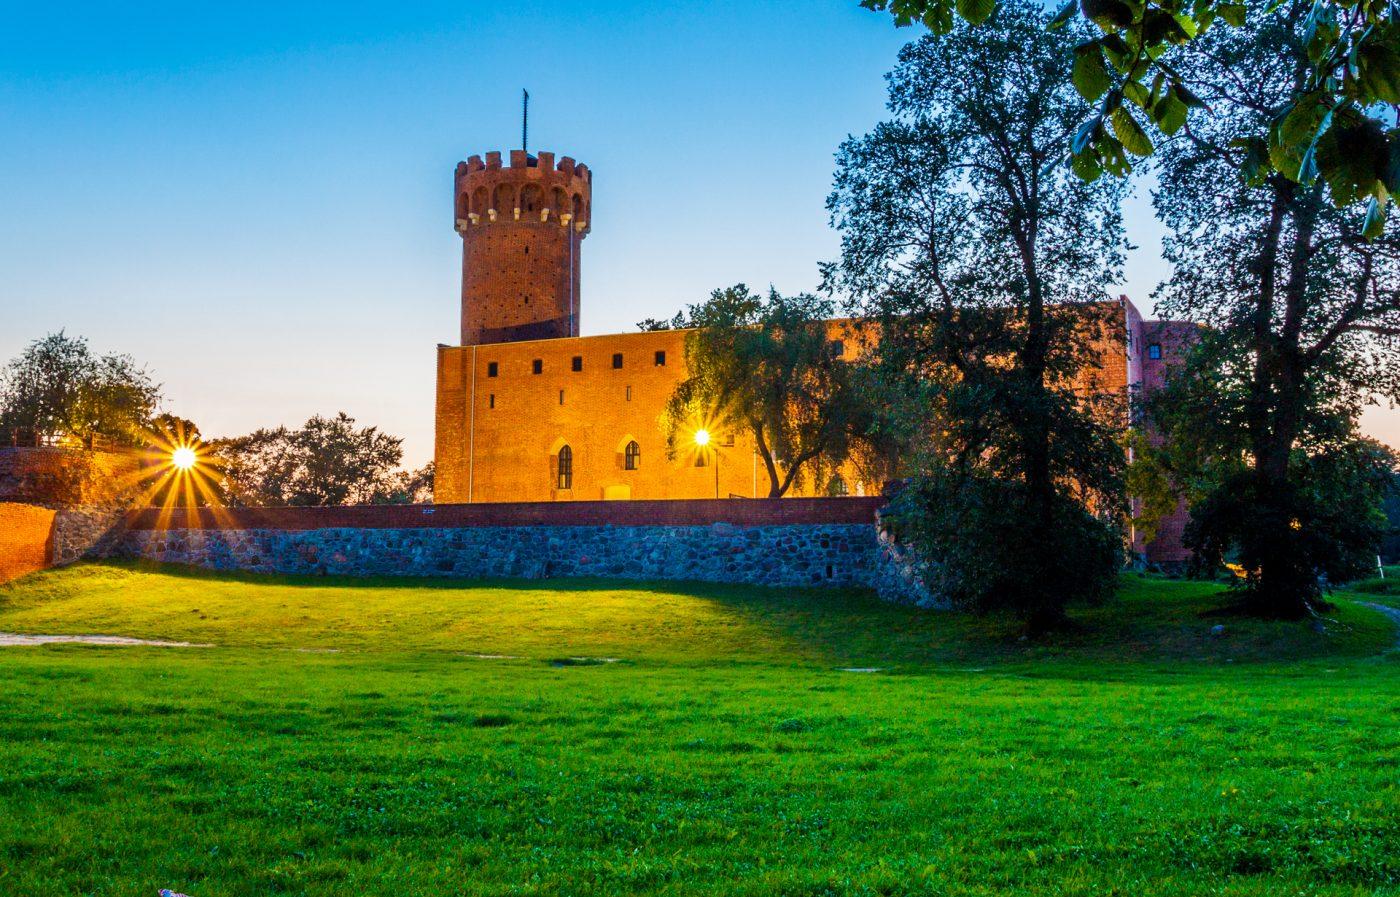 Krzywe wieże w Polsce – która najwyższa? (Top7)